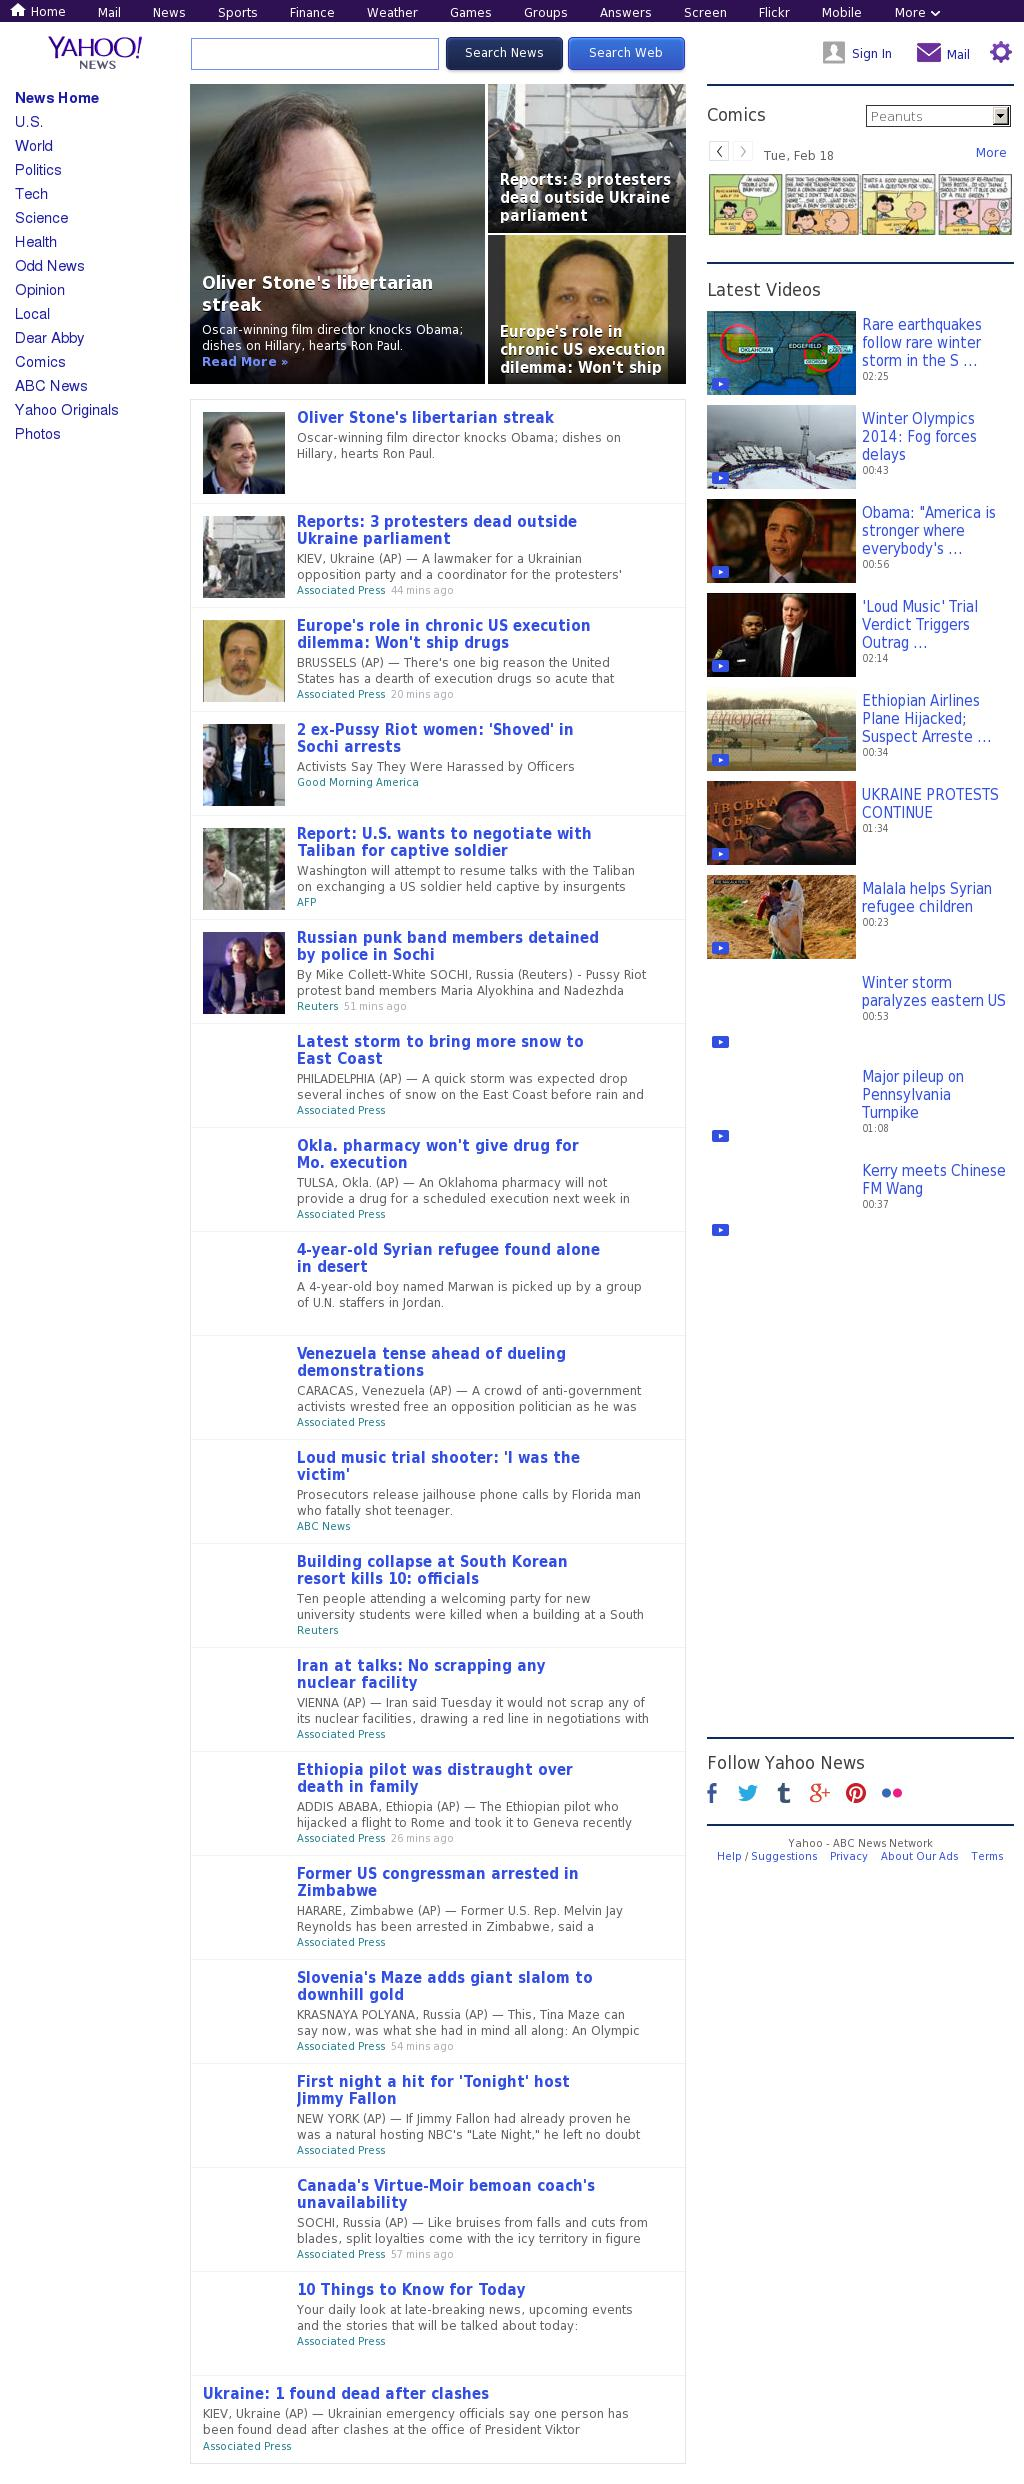 Yahoo! News at Tuesday Feb. 18, 2014, 3:21 p.m. UTC